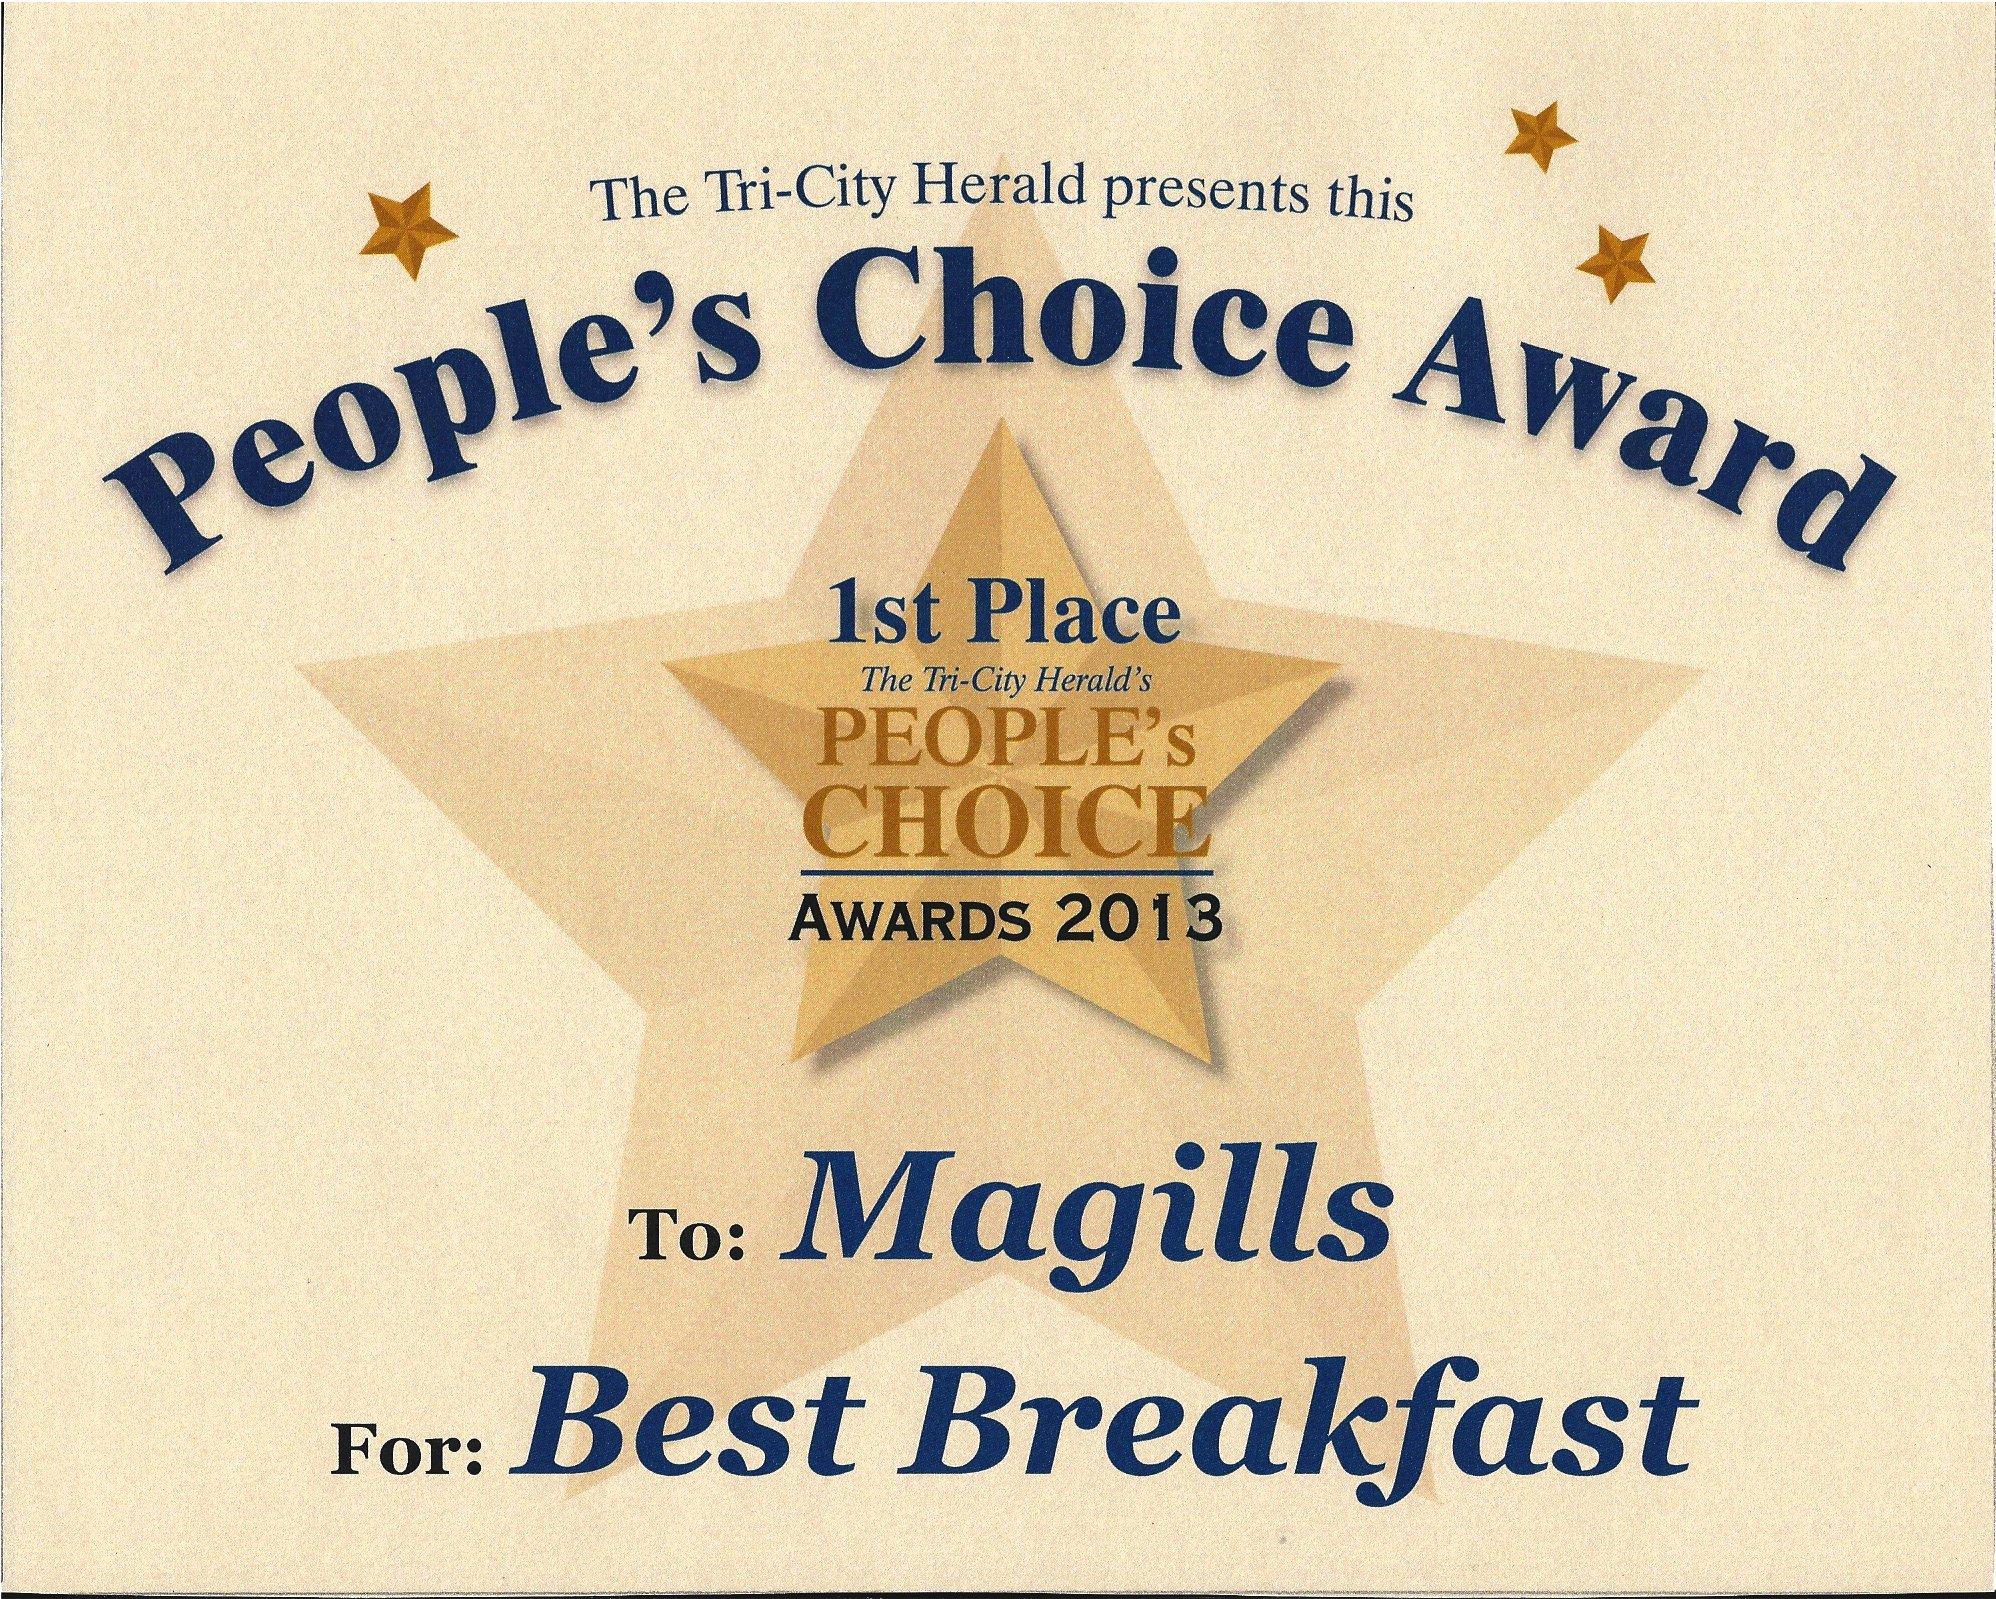 World's Best Boyfriend Award Luxury Magills Restaurant & Catering